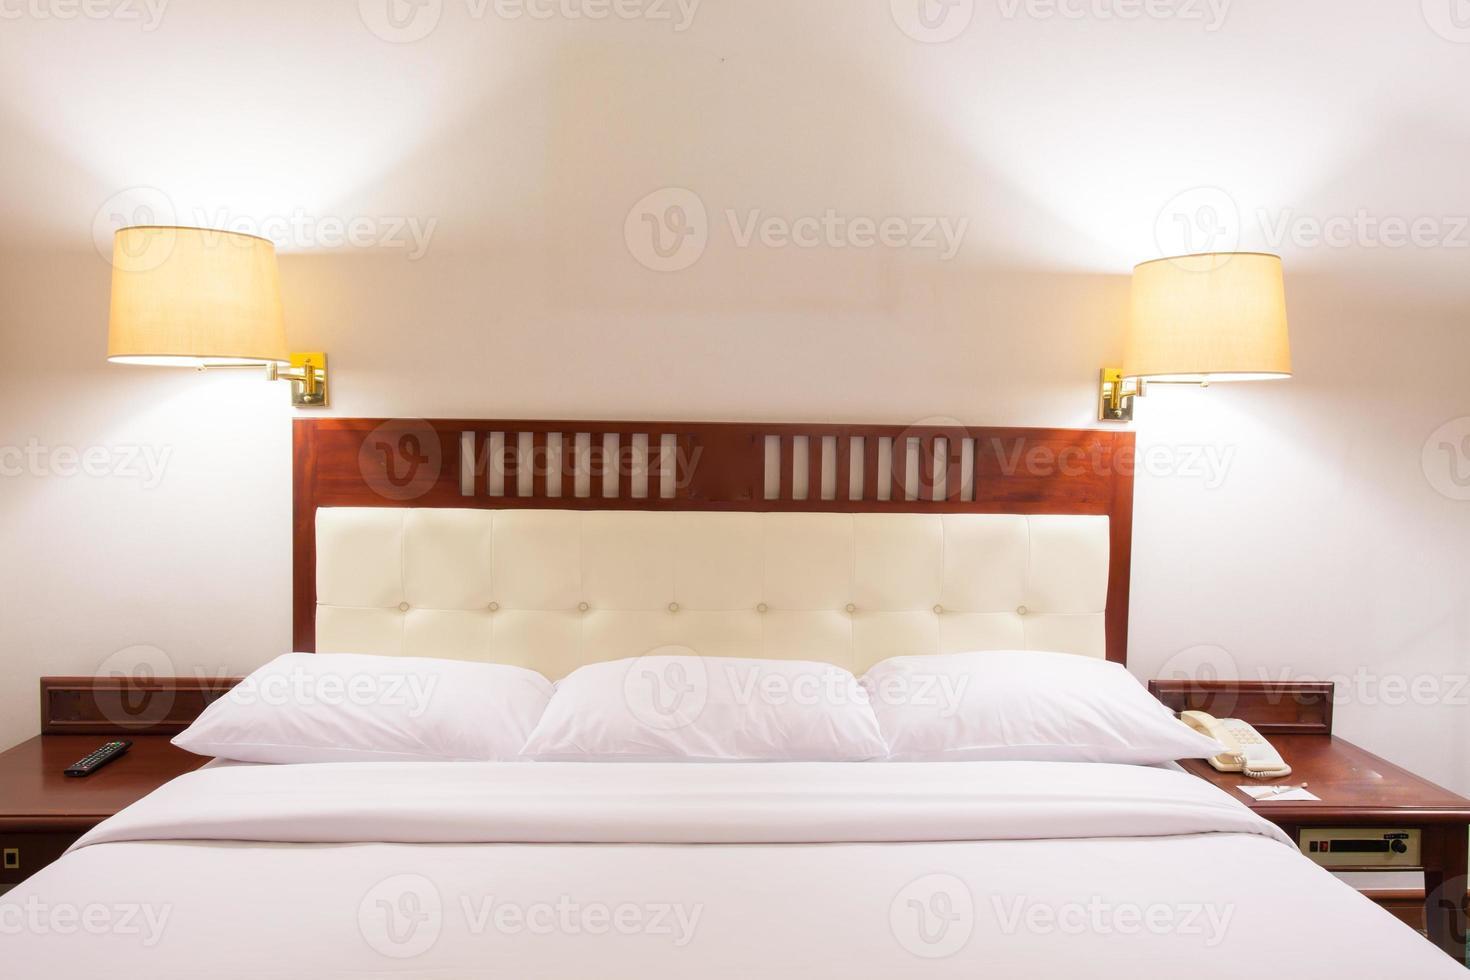 lit d'hôtel avec lampes de chevet photo